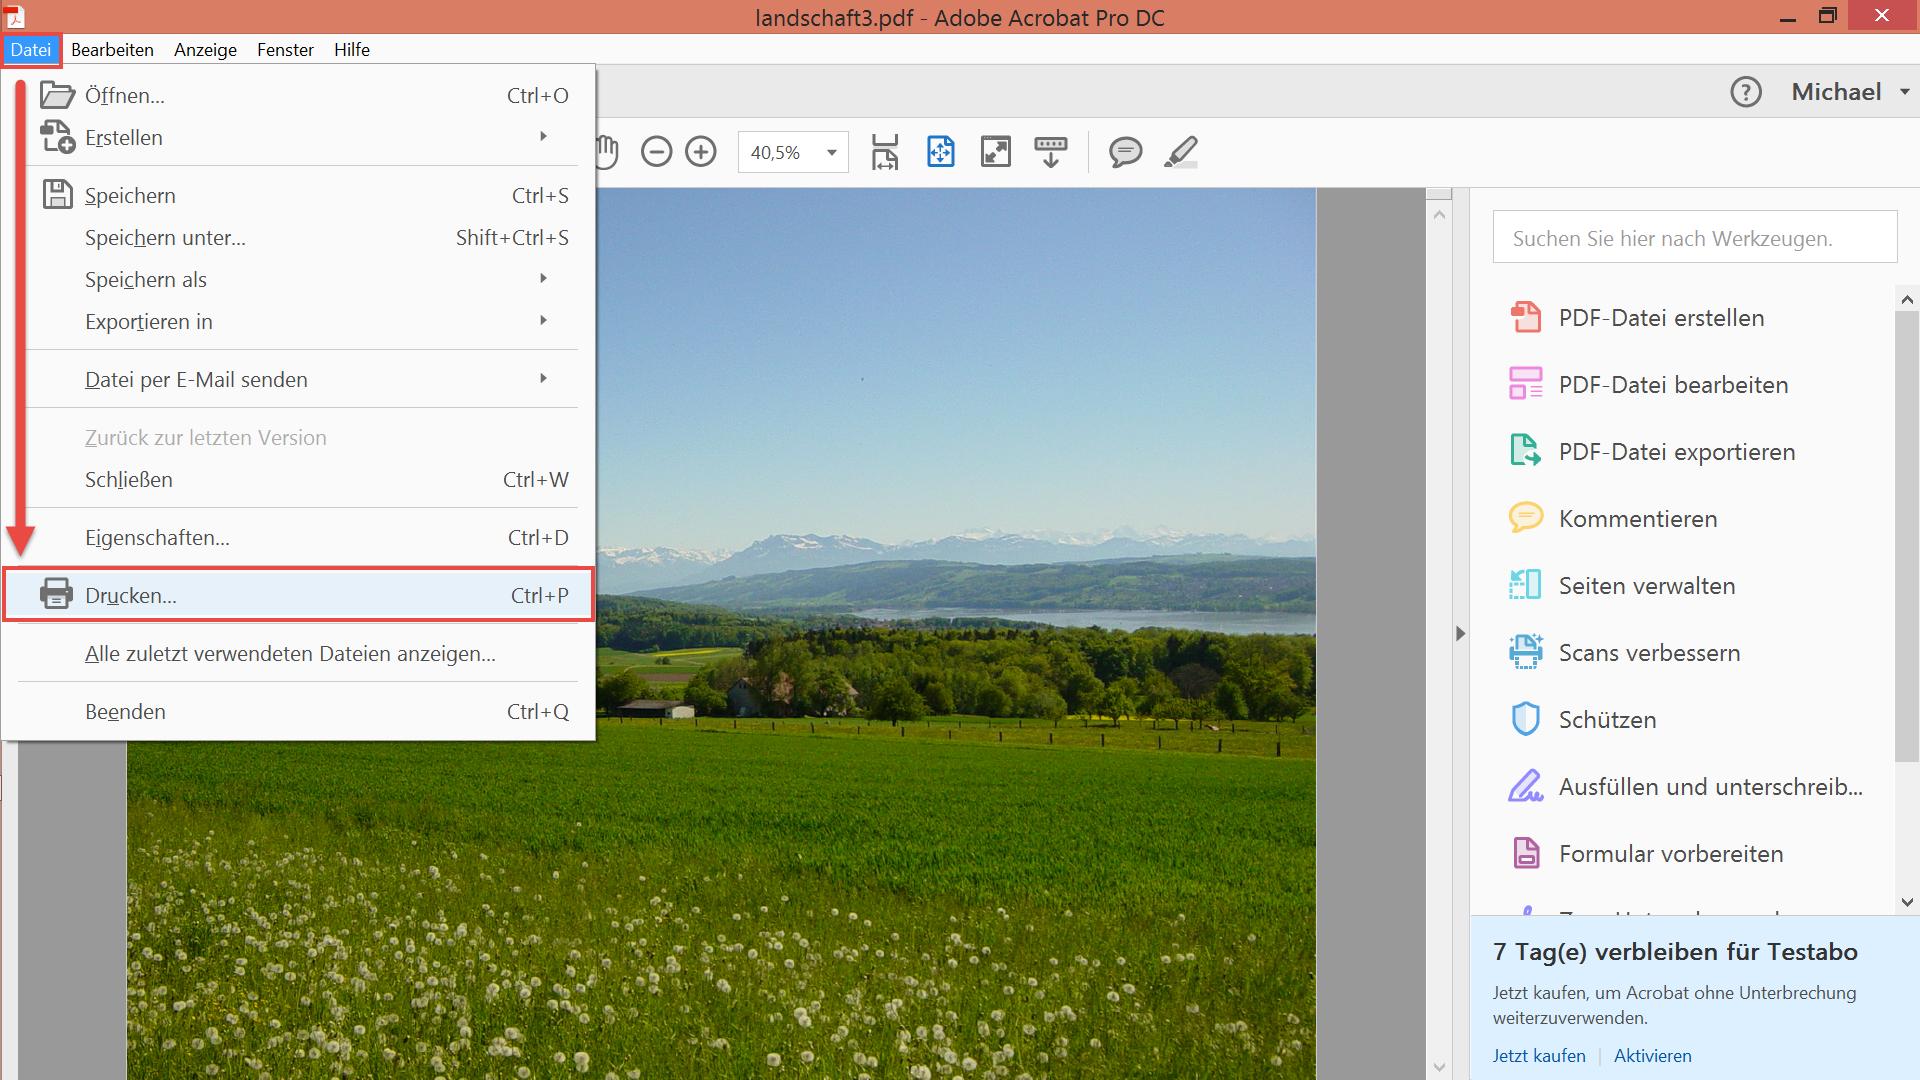 Adobe Acrobat - Datei drucken